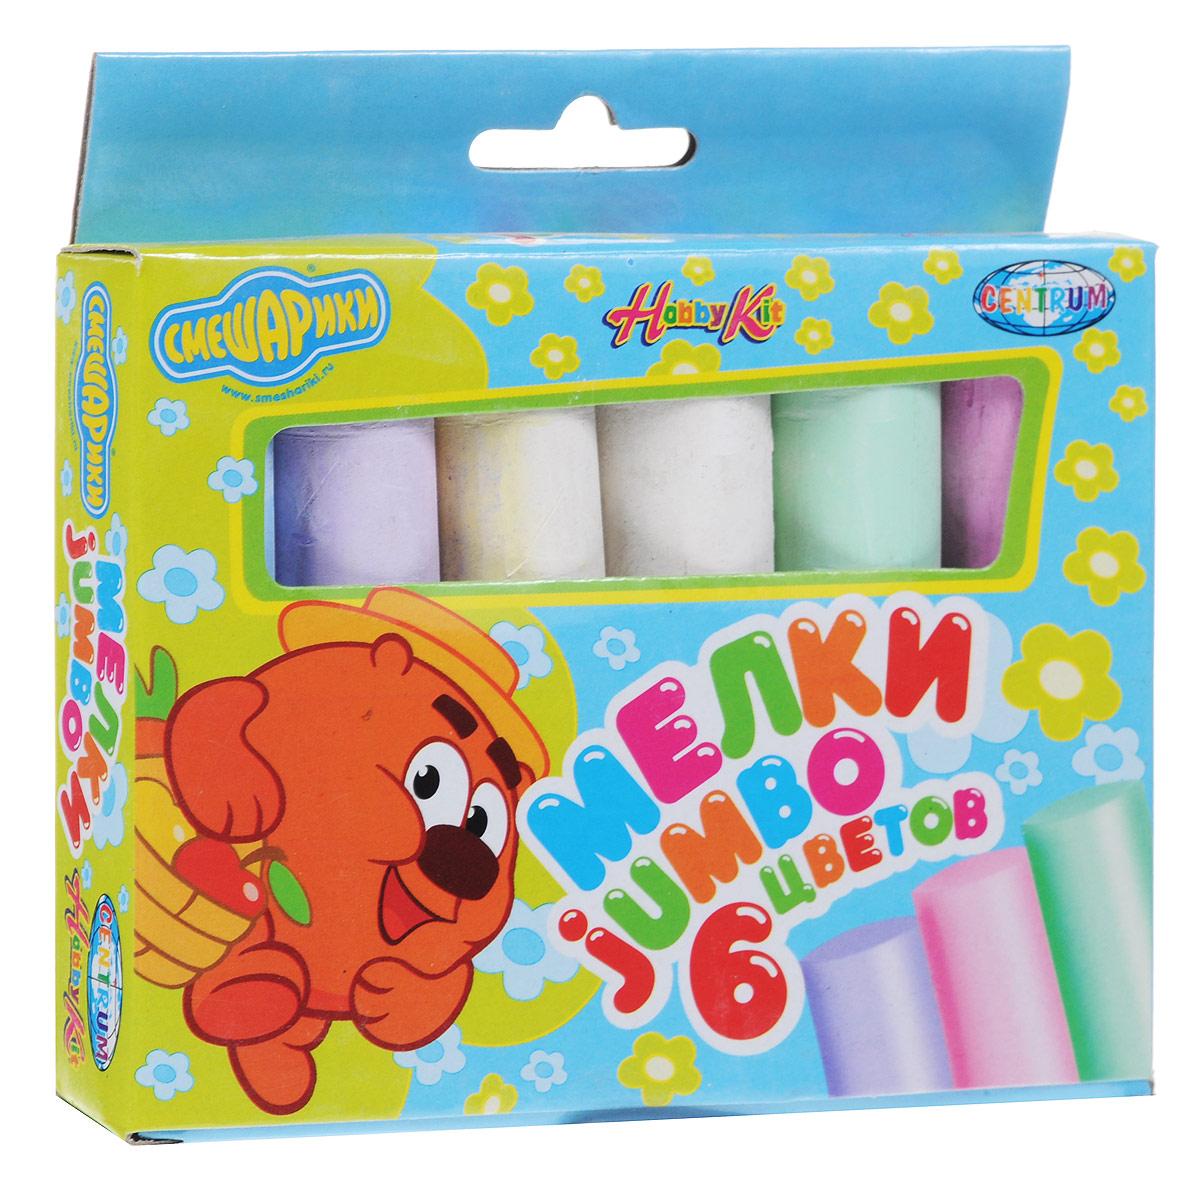 Мелки цветные Смешарики Jumbo, 6 цветов83979Цветные мелки Смешарики Jumbo с круглым корпусом помогут юным художникам преобразить мир вокруг. Их утолщенная форма создана специально для маленьких детских ручек, поэтому малышам очень удобно ими пользоваться. Мелки пригодятся для игры в классики, помогут создать огромные картины на асфальте и прекрасные рисунки на доске дома, в школе или в детском саду. В комплекте два мелка белого цвета и четыре мелка зеленого, фиолетового, голубого и розового цветов. С их помощью малыш сможет создать яркие, радостные и неповторимые картины.